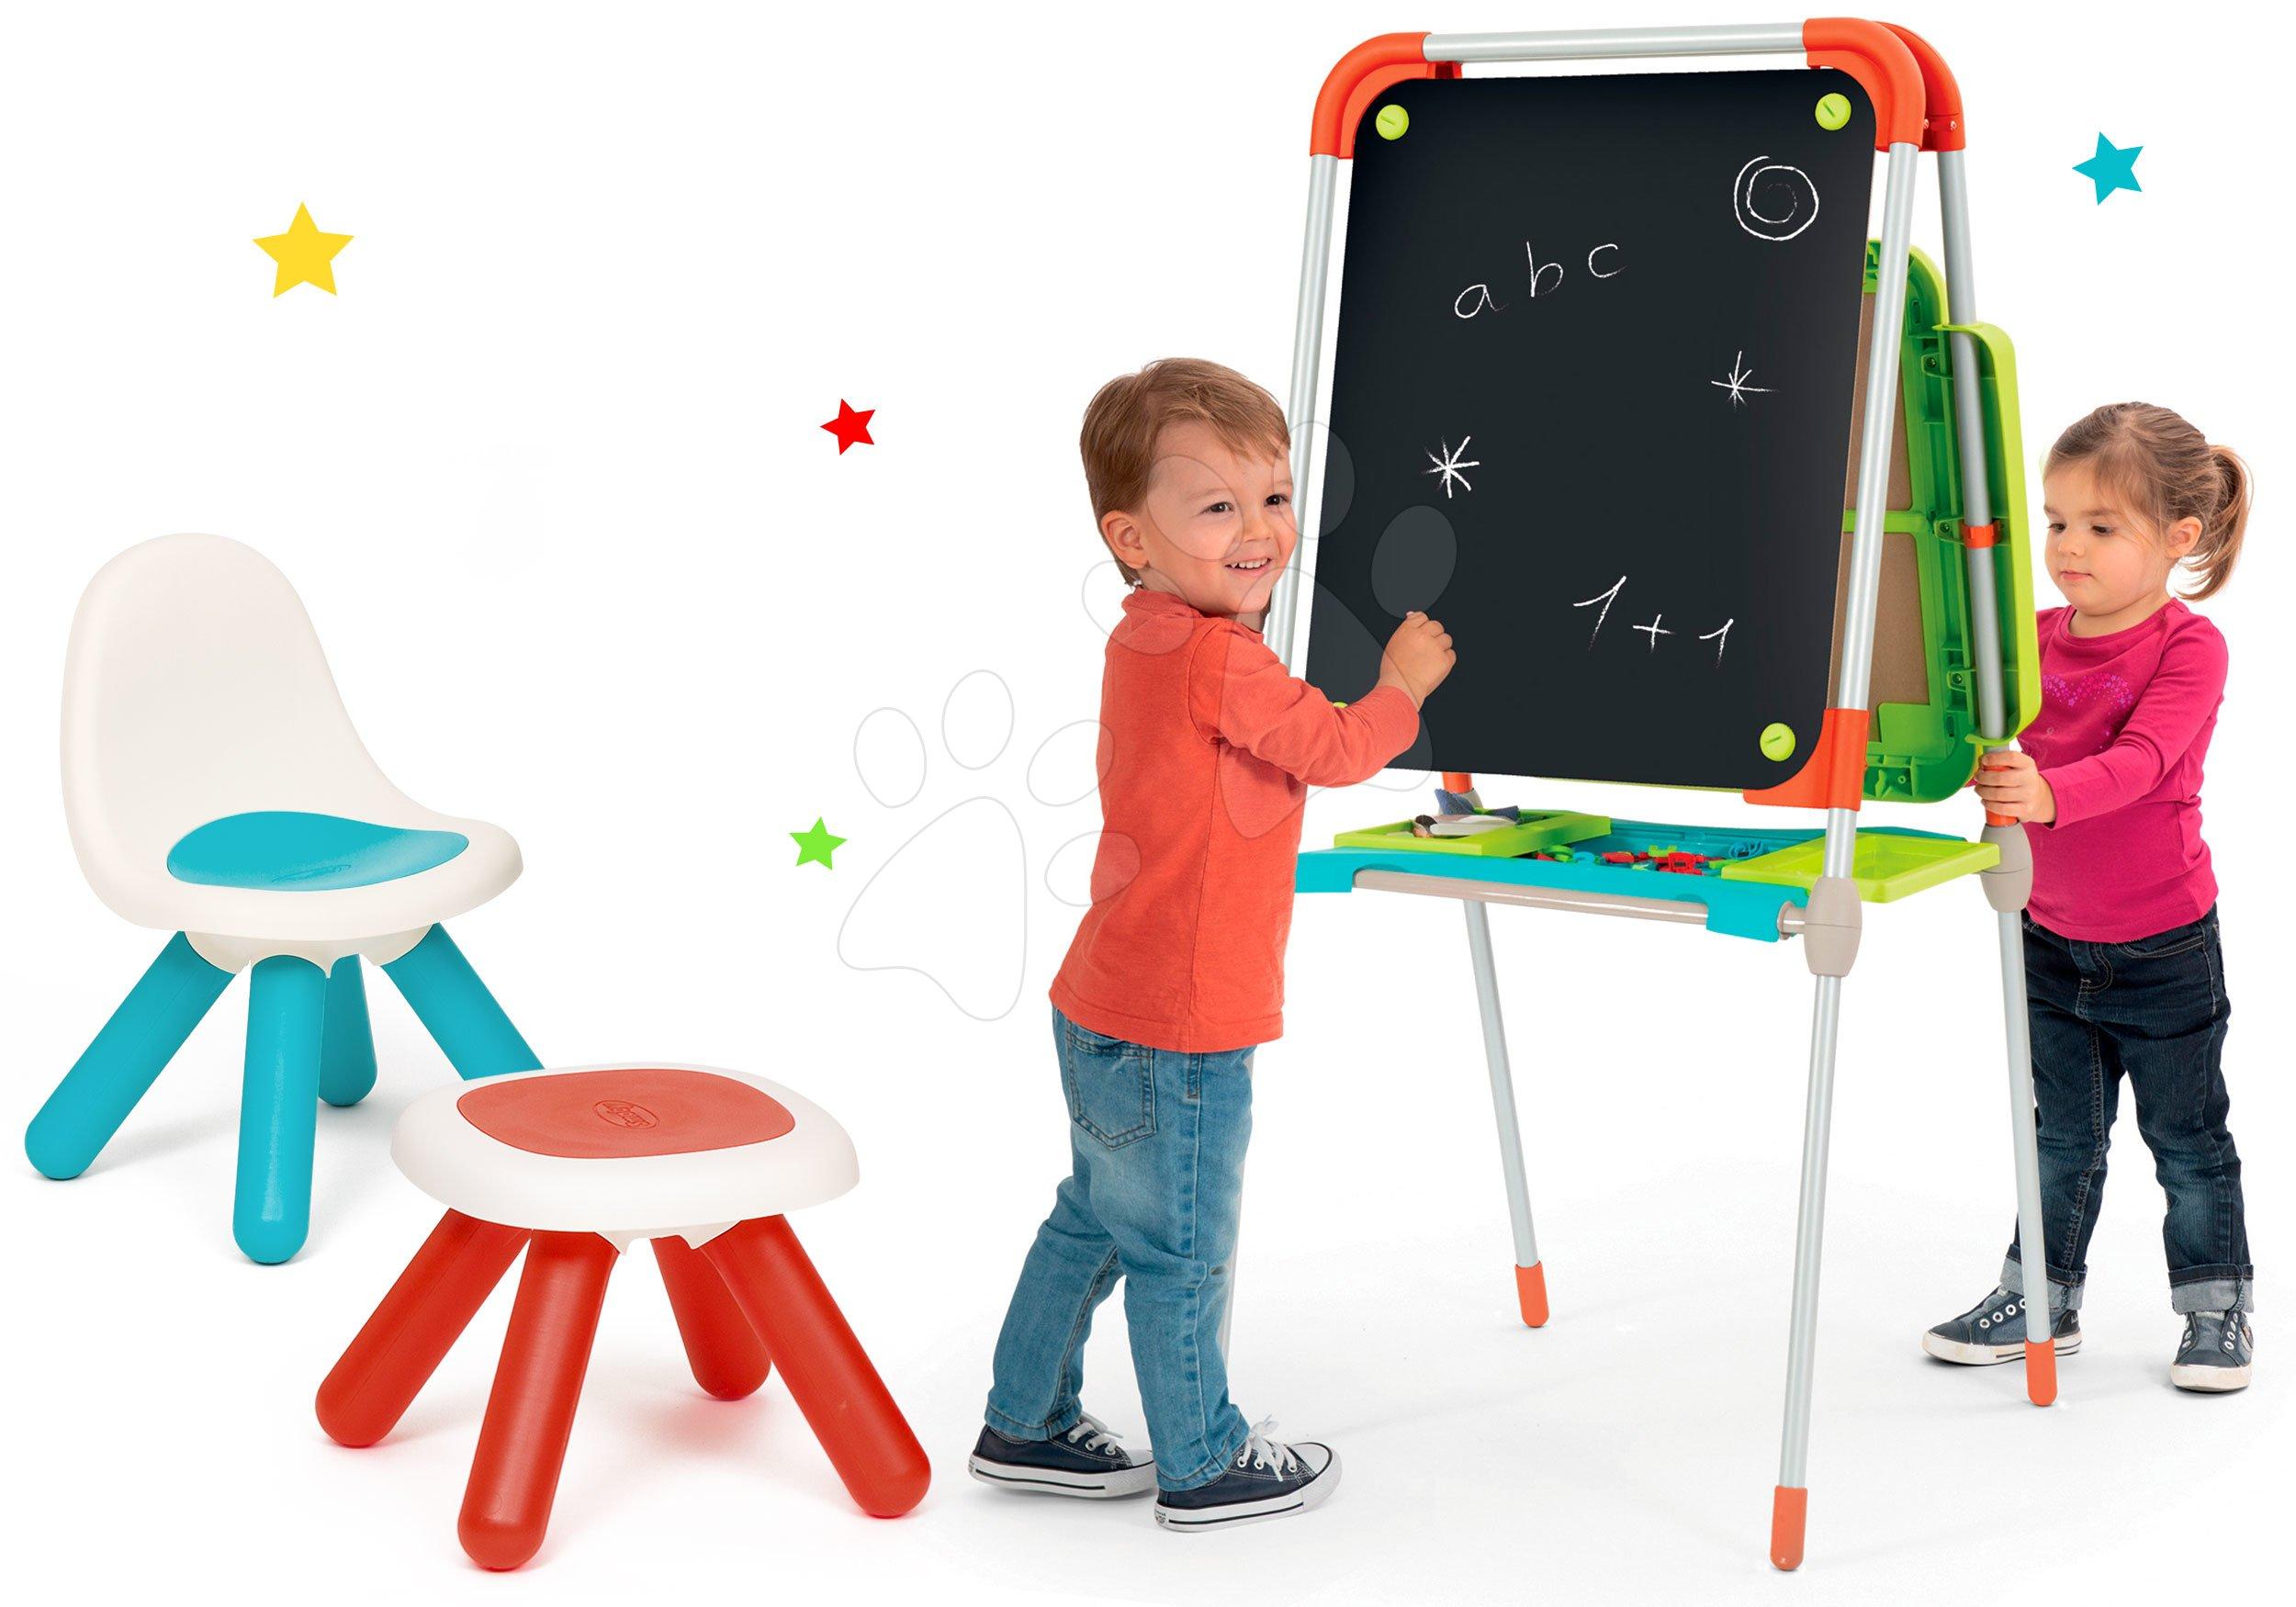 Set školská magnetická tabuľa Smoby výškovo nastaviteľná s 80 doplnkami a stolička KidChair a taburetka Kidstool 2v1